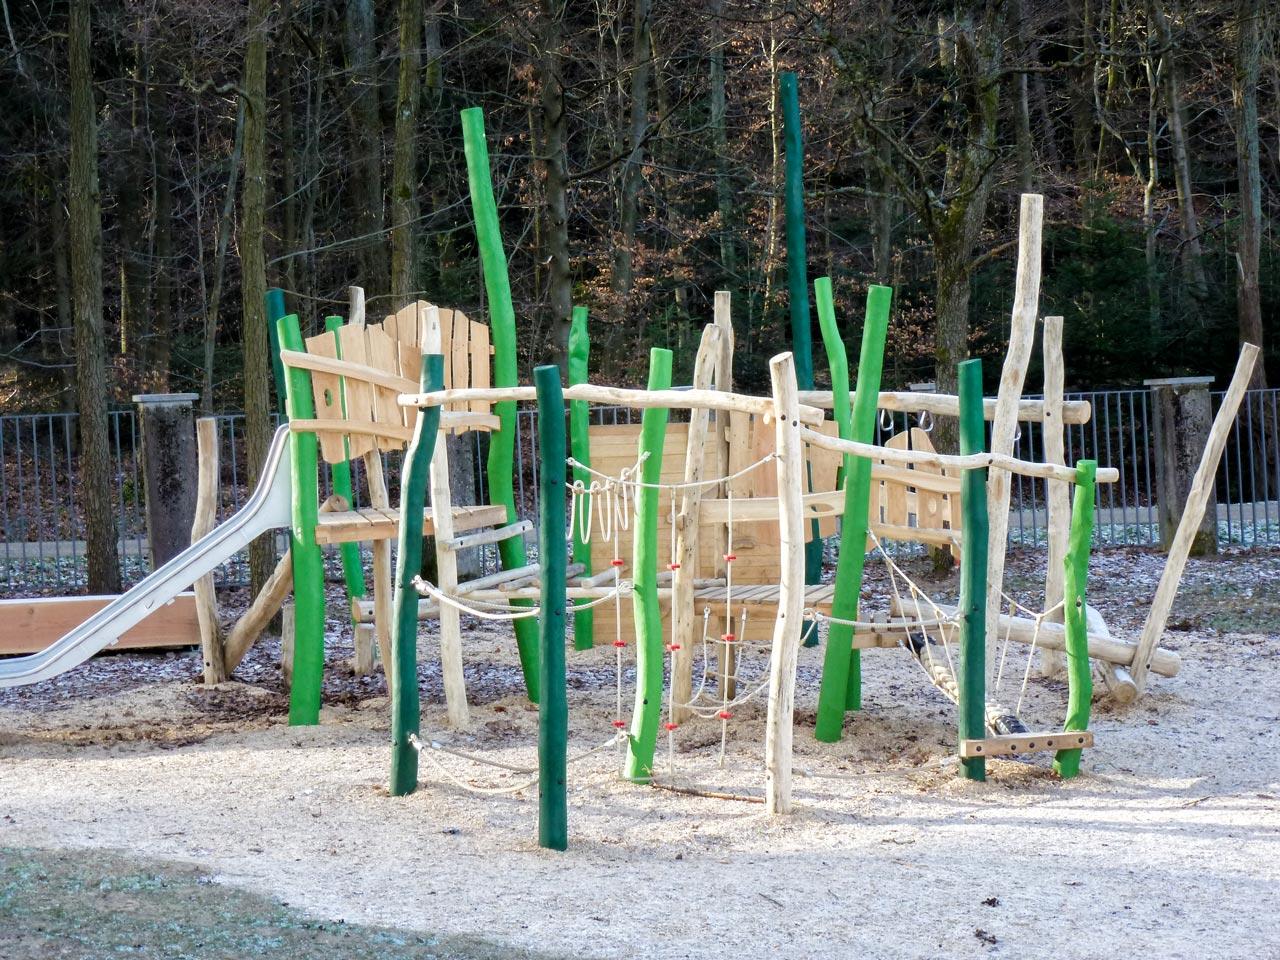 I 51 Kletterwald